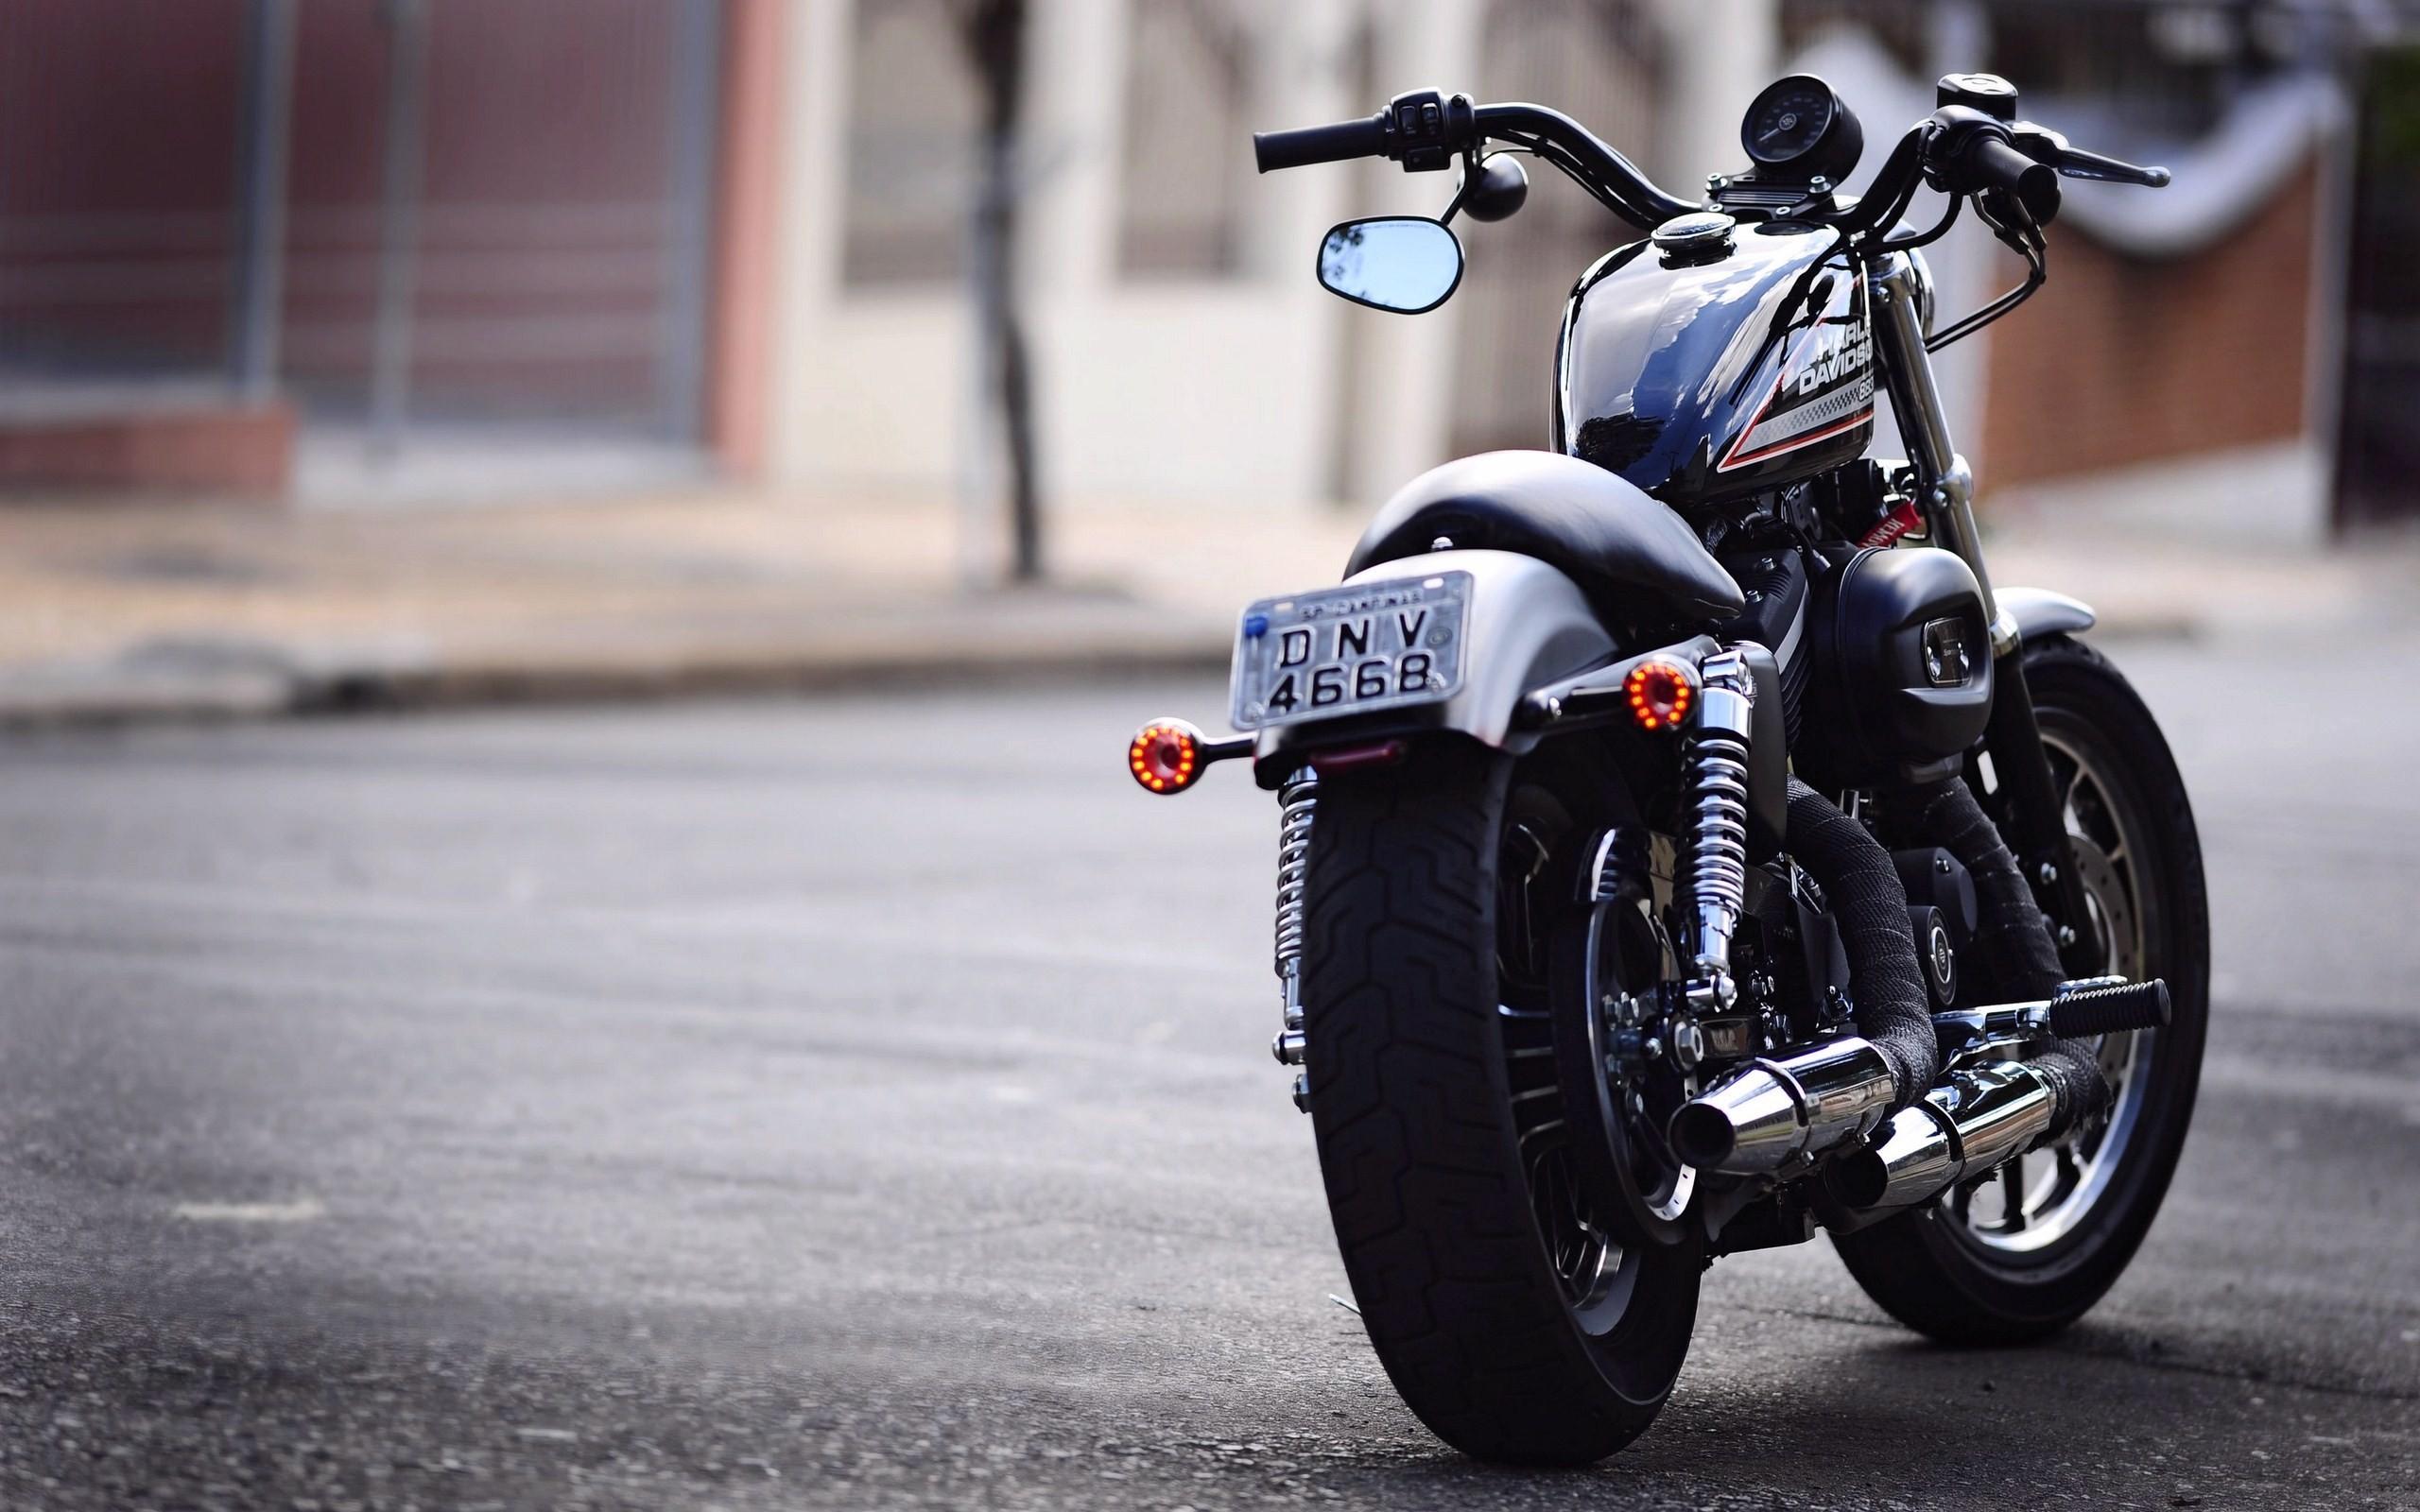 Harley Davidson Wallpaper 72 Images